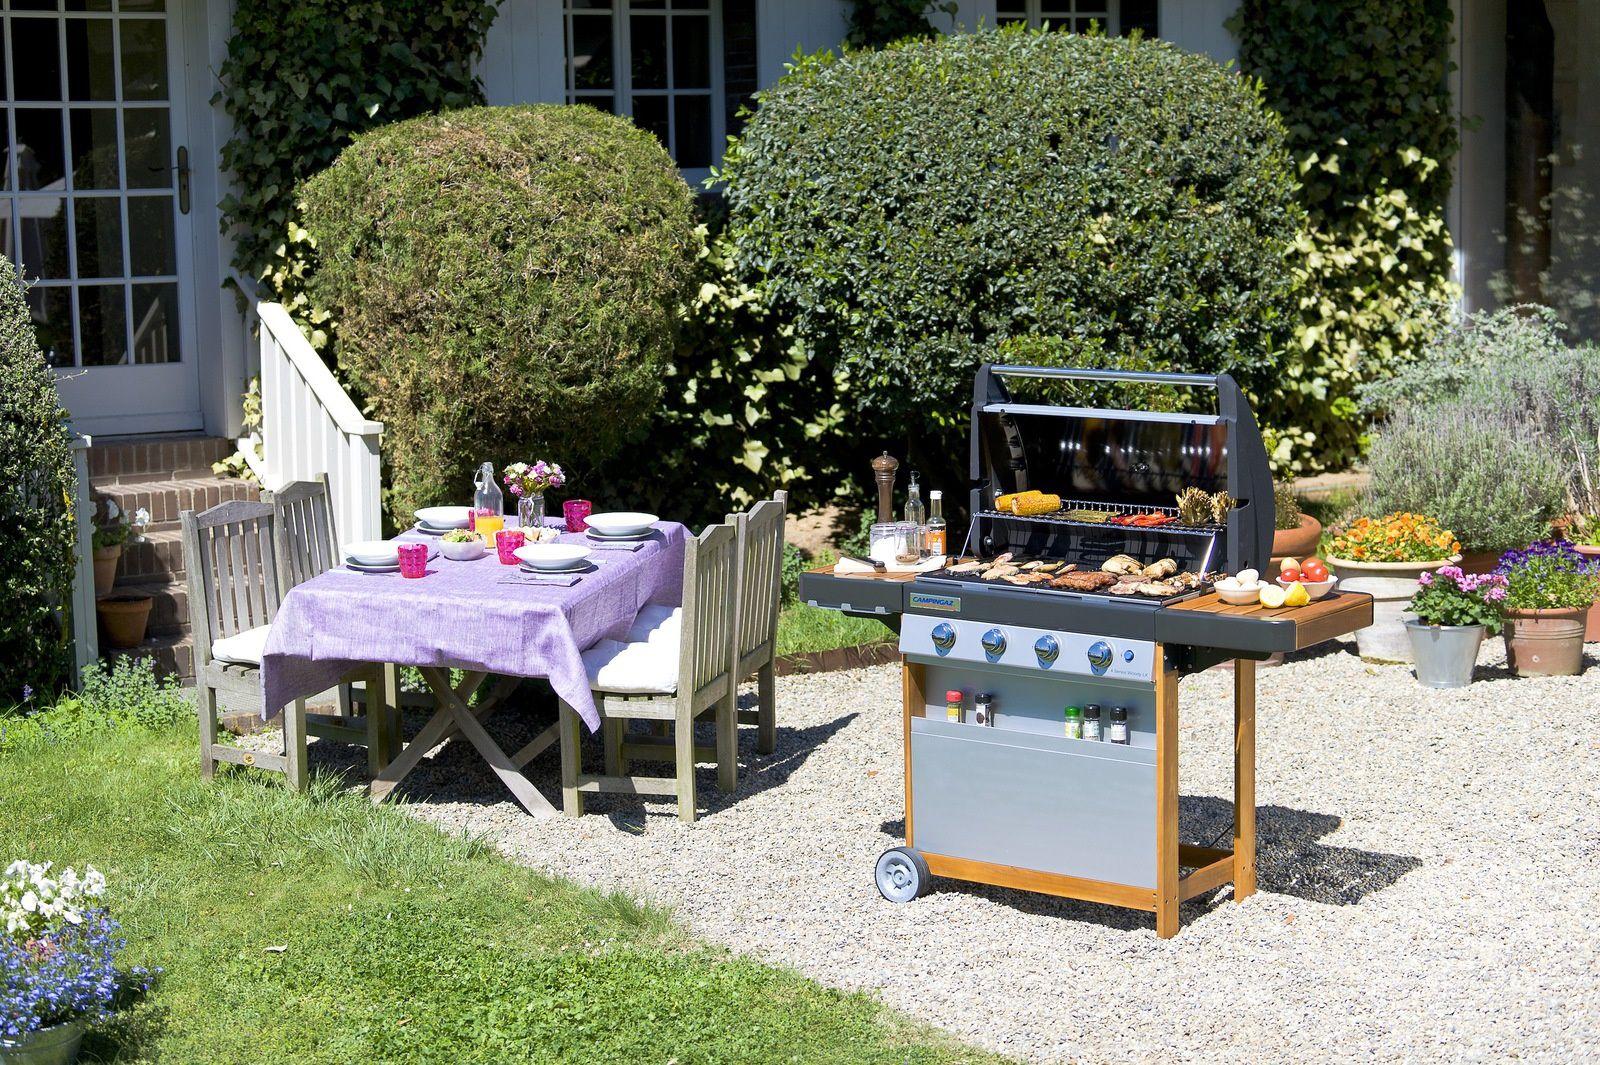 Toutes les cuisines du monde s'invitent sur les barbecues Campingaz®